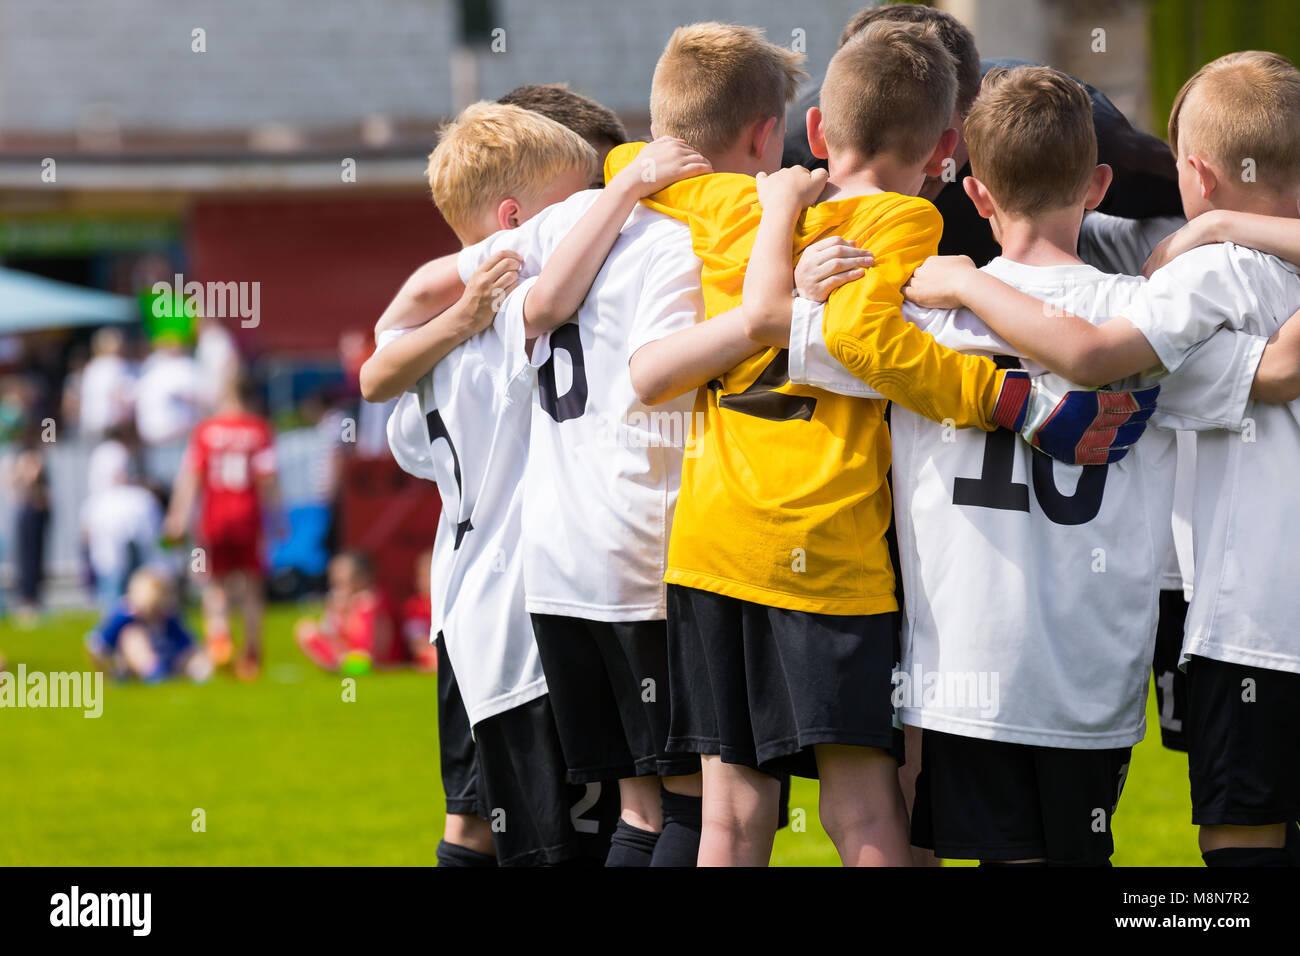 Los Niños Del Equipo De Fútbol Academia De Fútbol Para